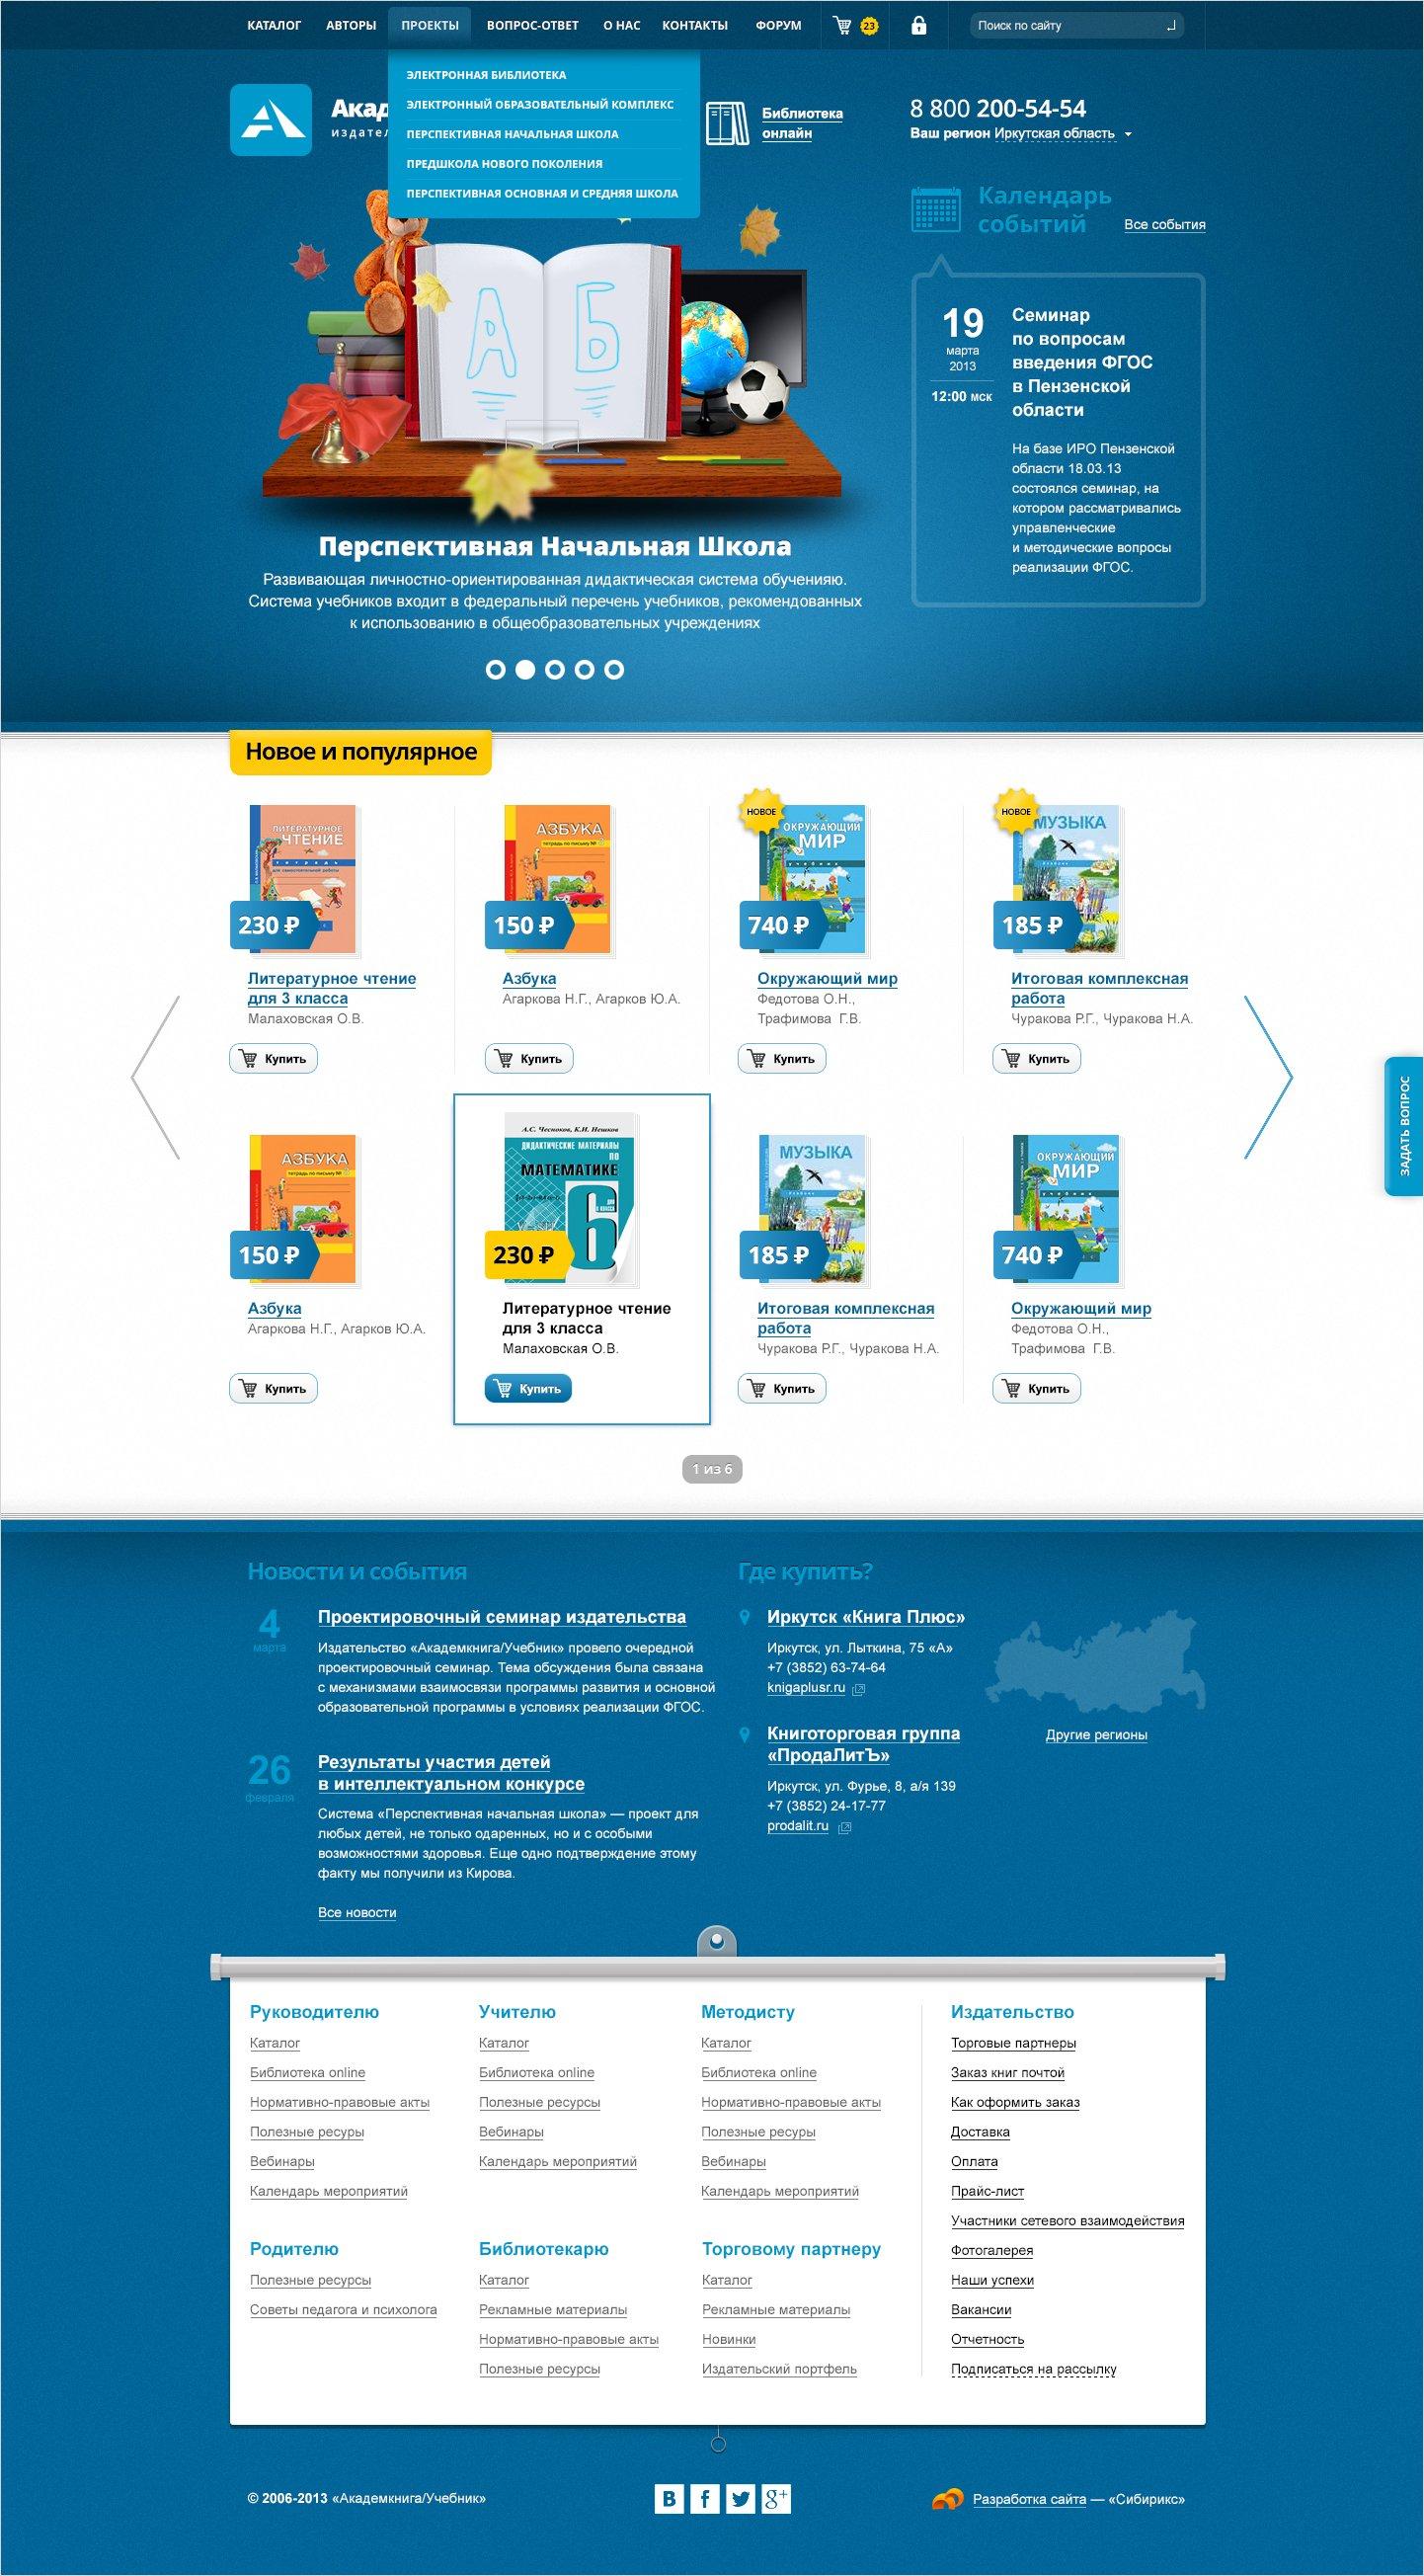 <p><b>Финальный вариант главной страницы</b></p> <p>Приближаем сайт ккорпоративной палитре:</p>